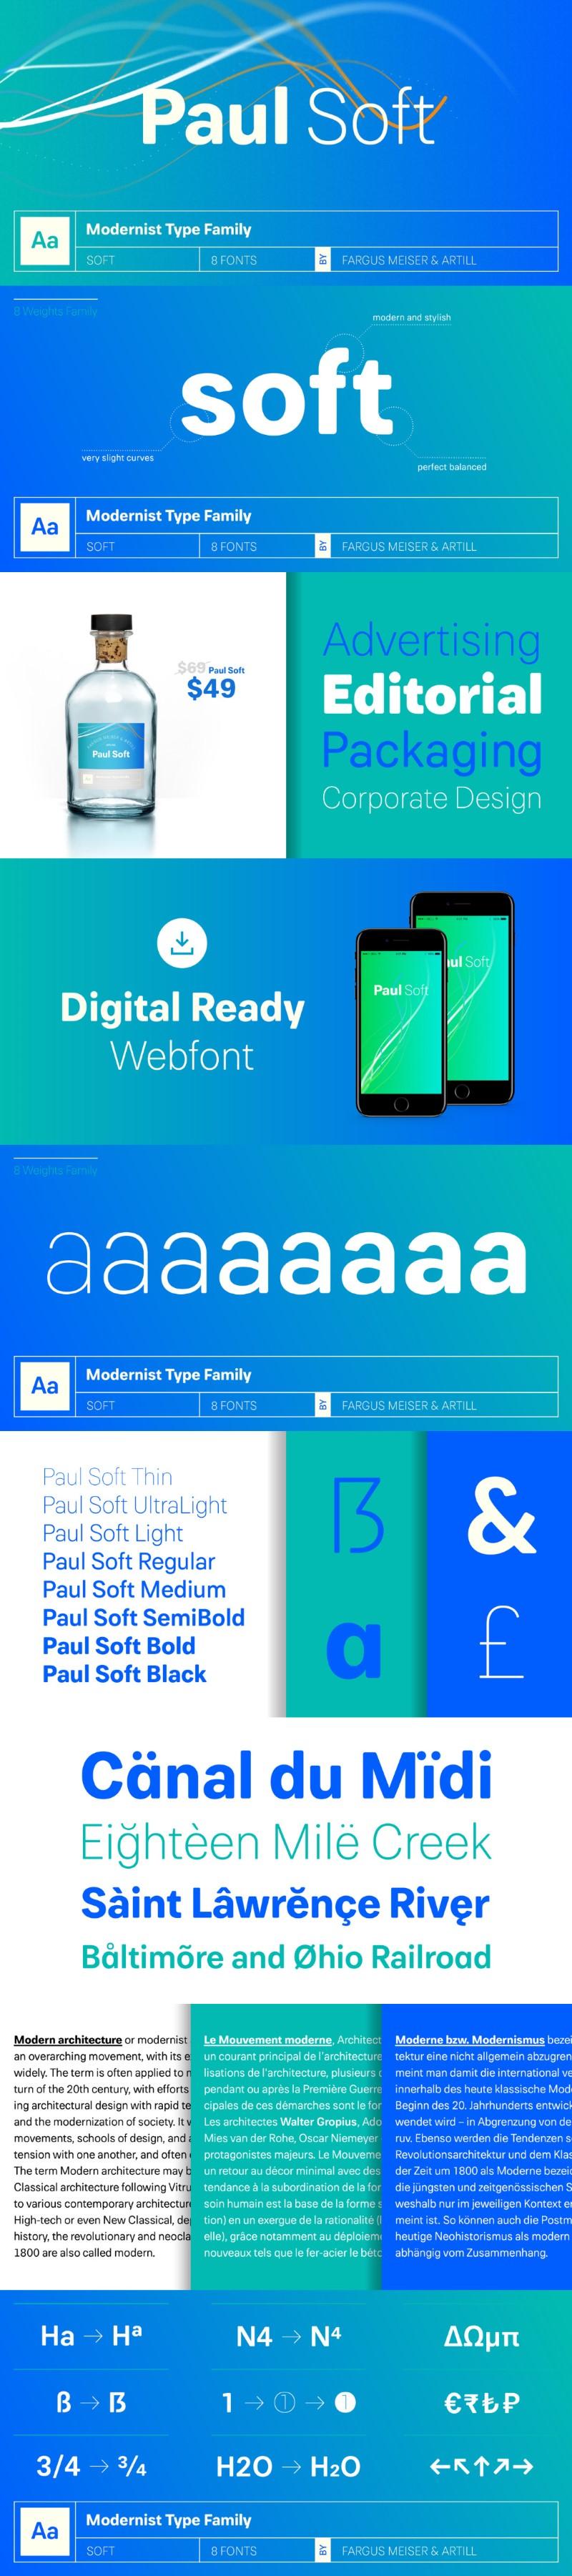 Paul Grotesk Soft Free Font - Free Fonts